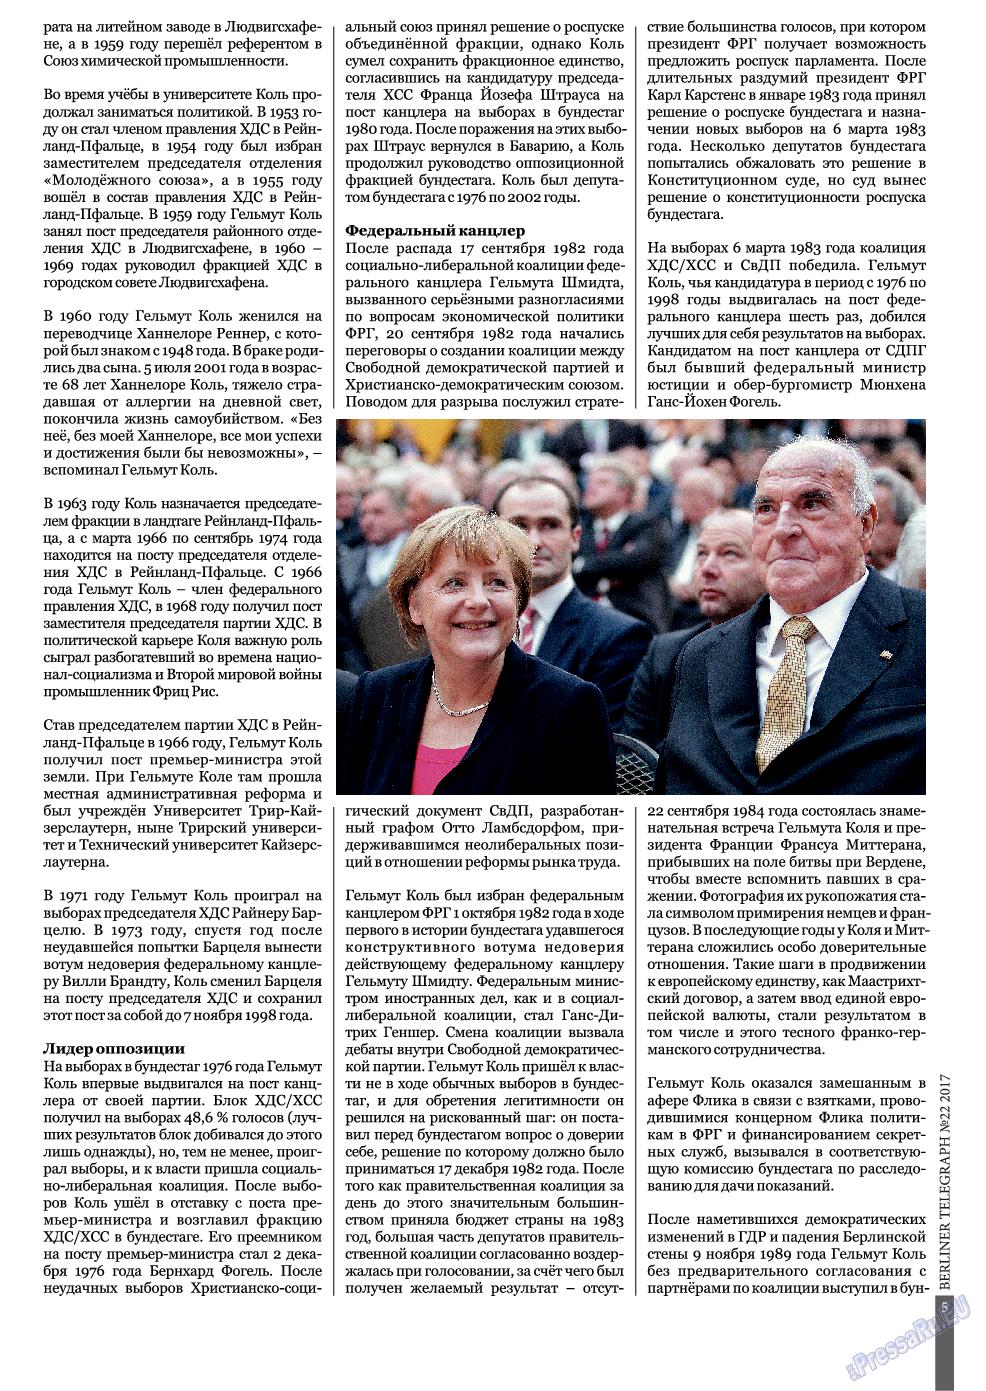 Берлинский телеграф (журнал). 2017 год, номер 22, стр. 5